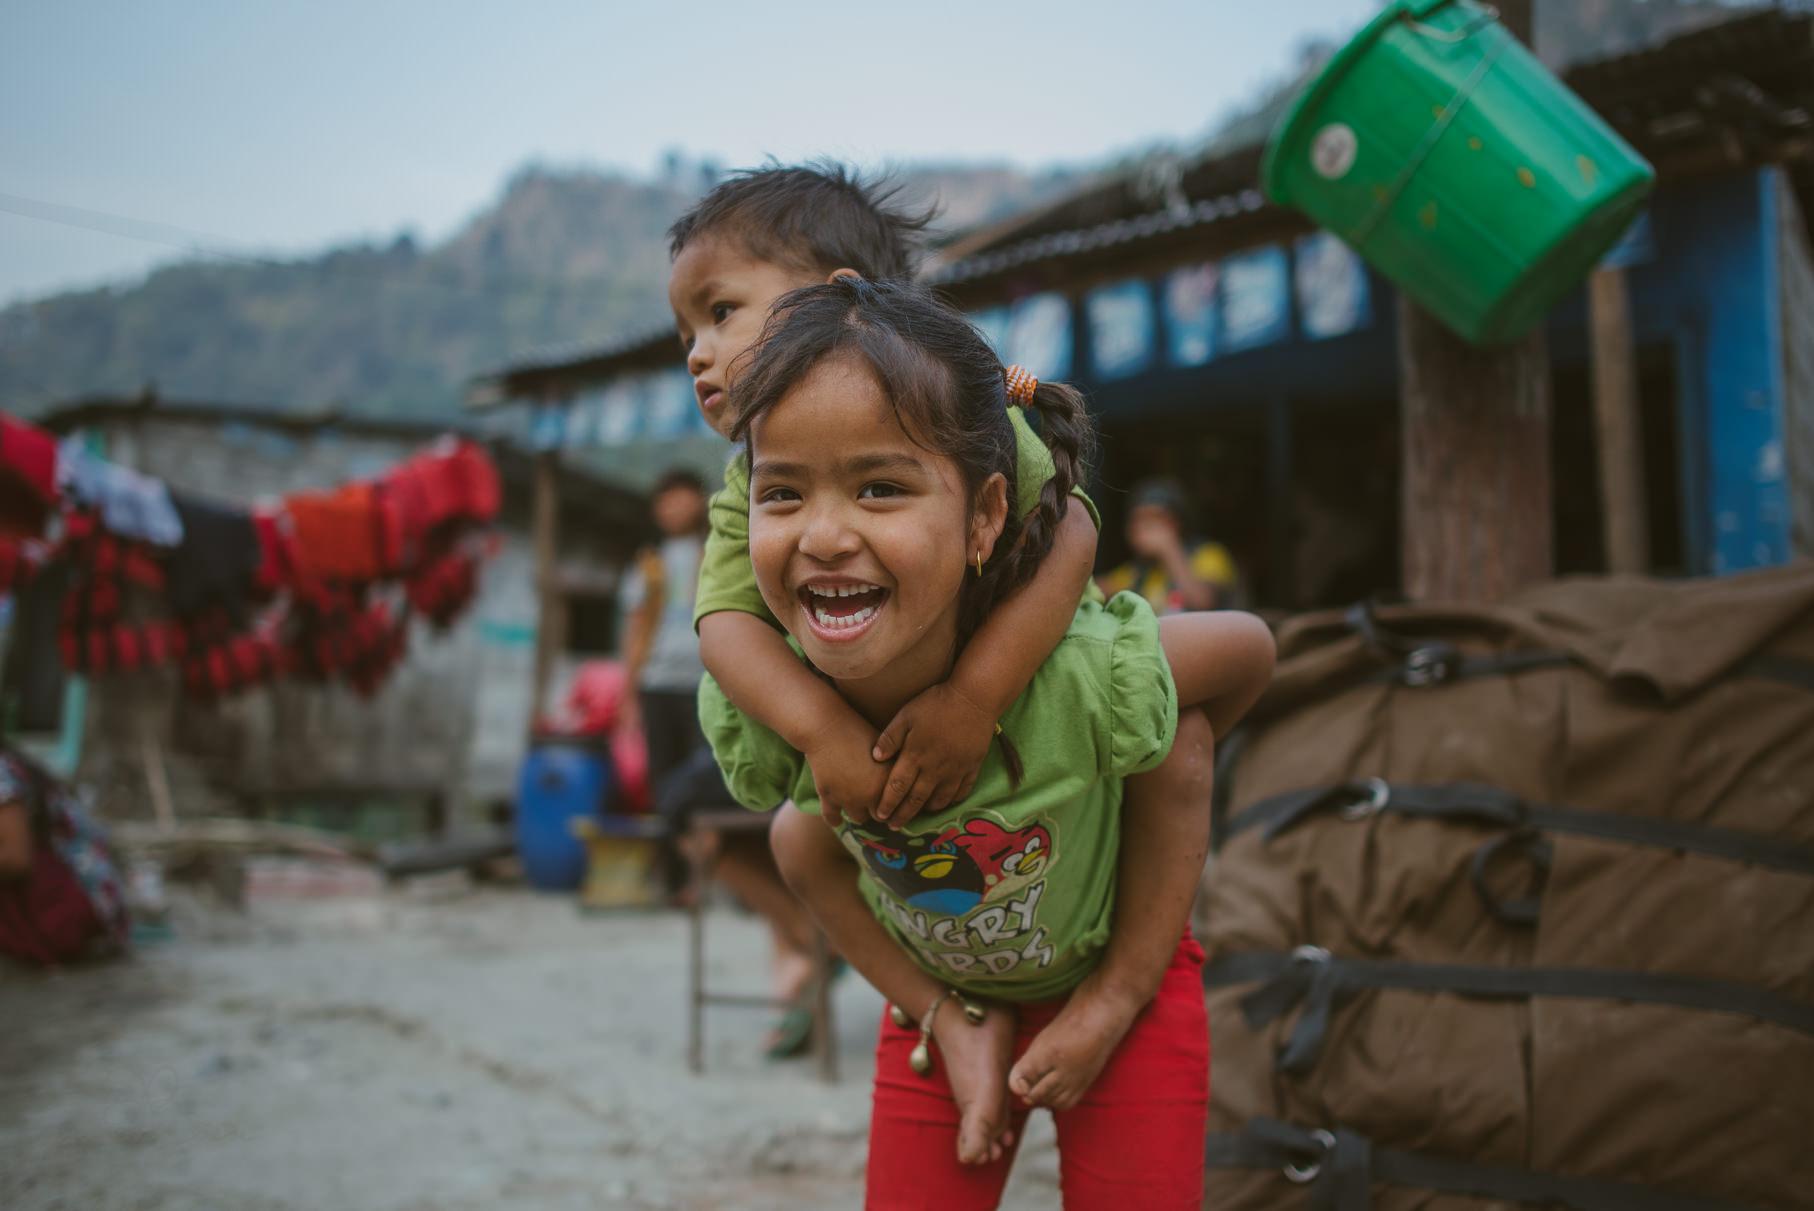 0010 anne und bjoern chitwan nationalpark nepal d75 4772 2 - Nepal Teil 3 - Roadtrip, Chitwan Nationalpark und eine spontane Hochzeit